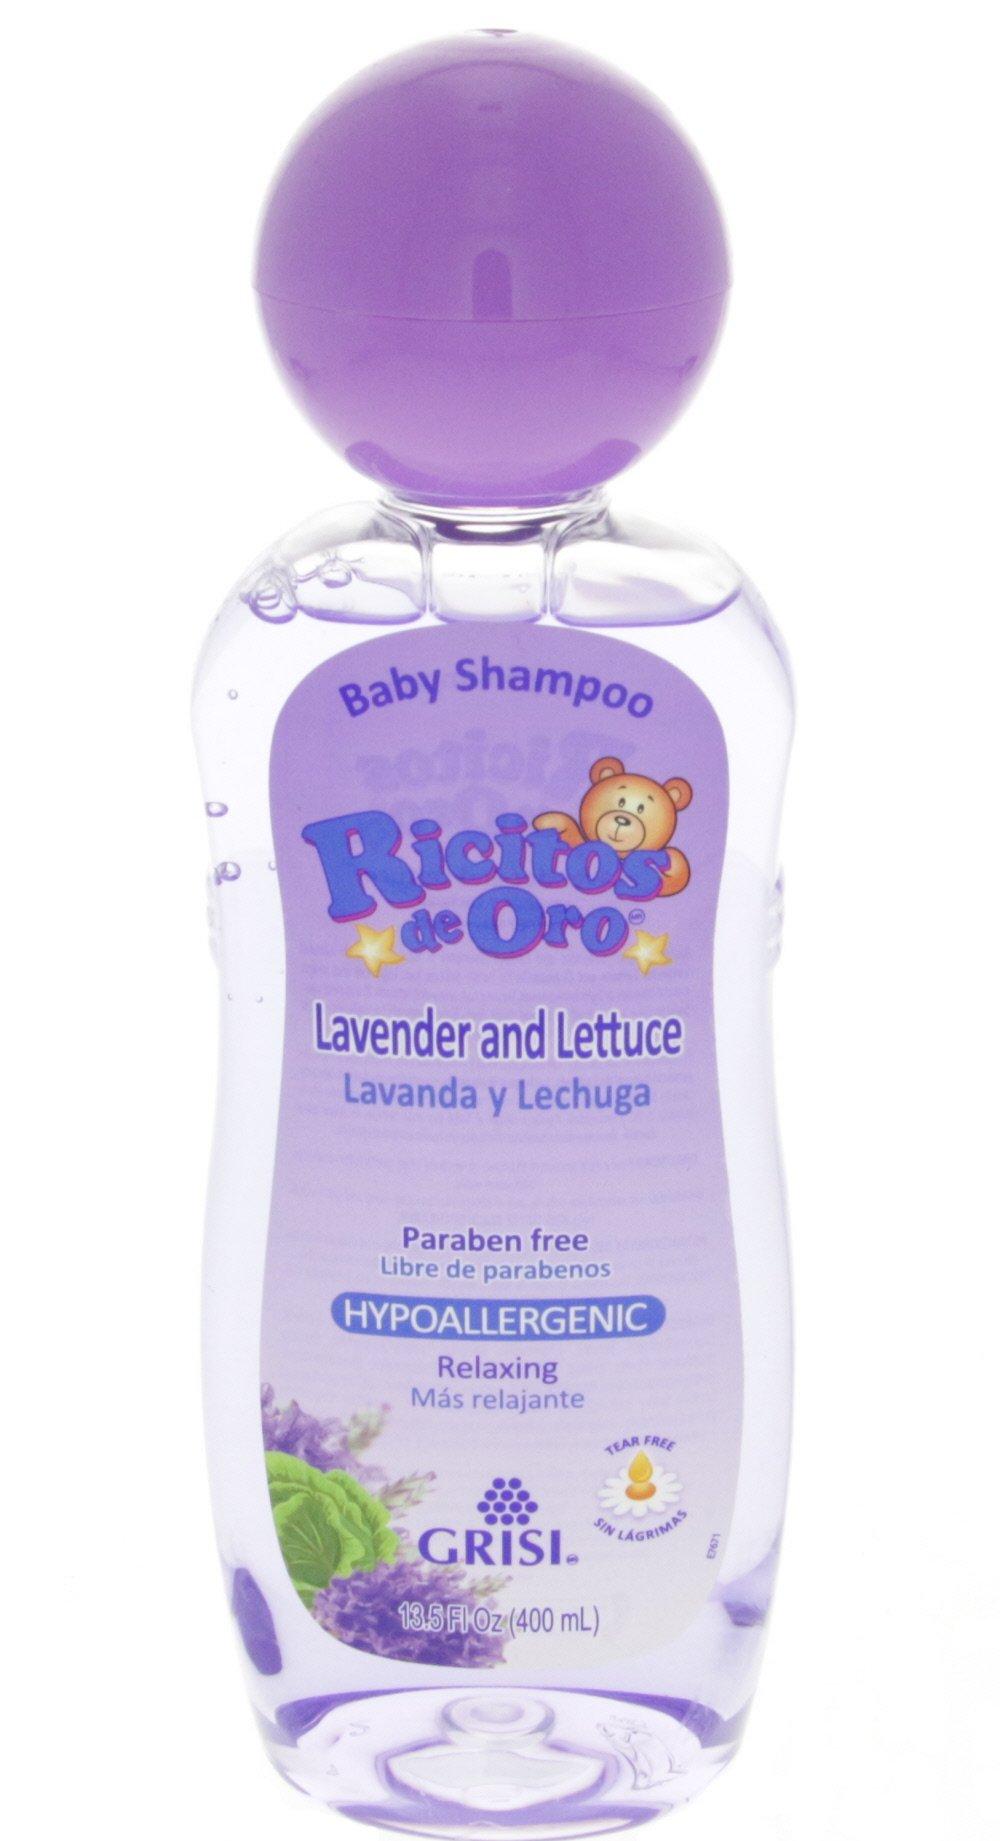 Ricitos de Oro Hypoallergenic Lavender & Lettuce Baby Shampoo 400ml - Ricitos de Oro Lavanda y Lechu by Ricitos de Oro Shampoo